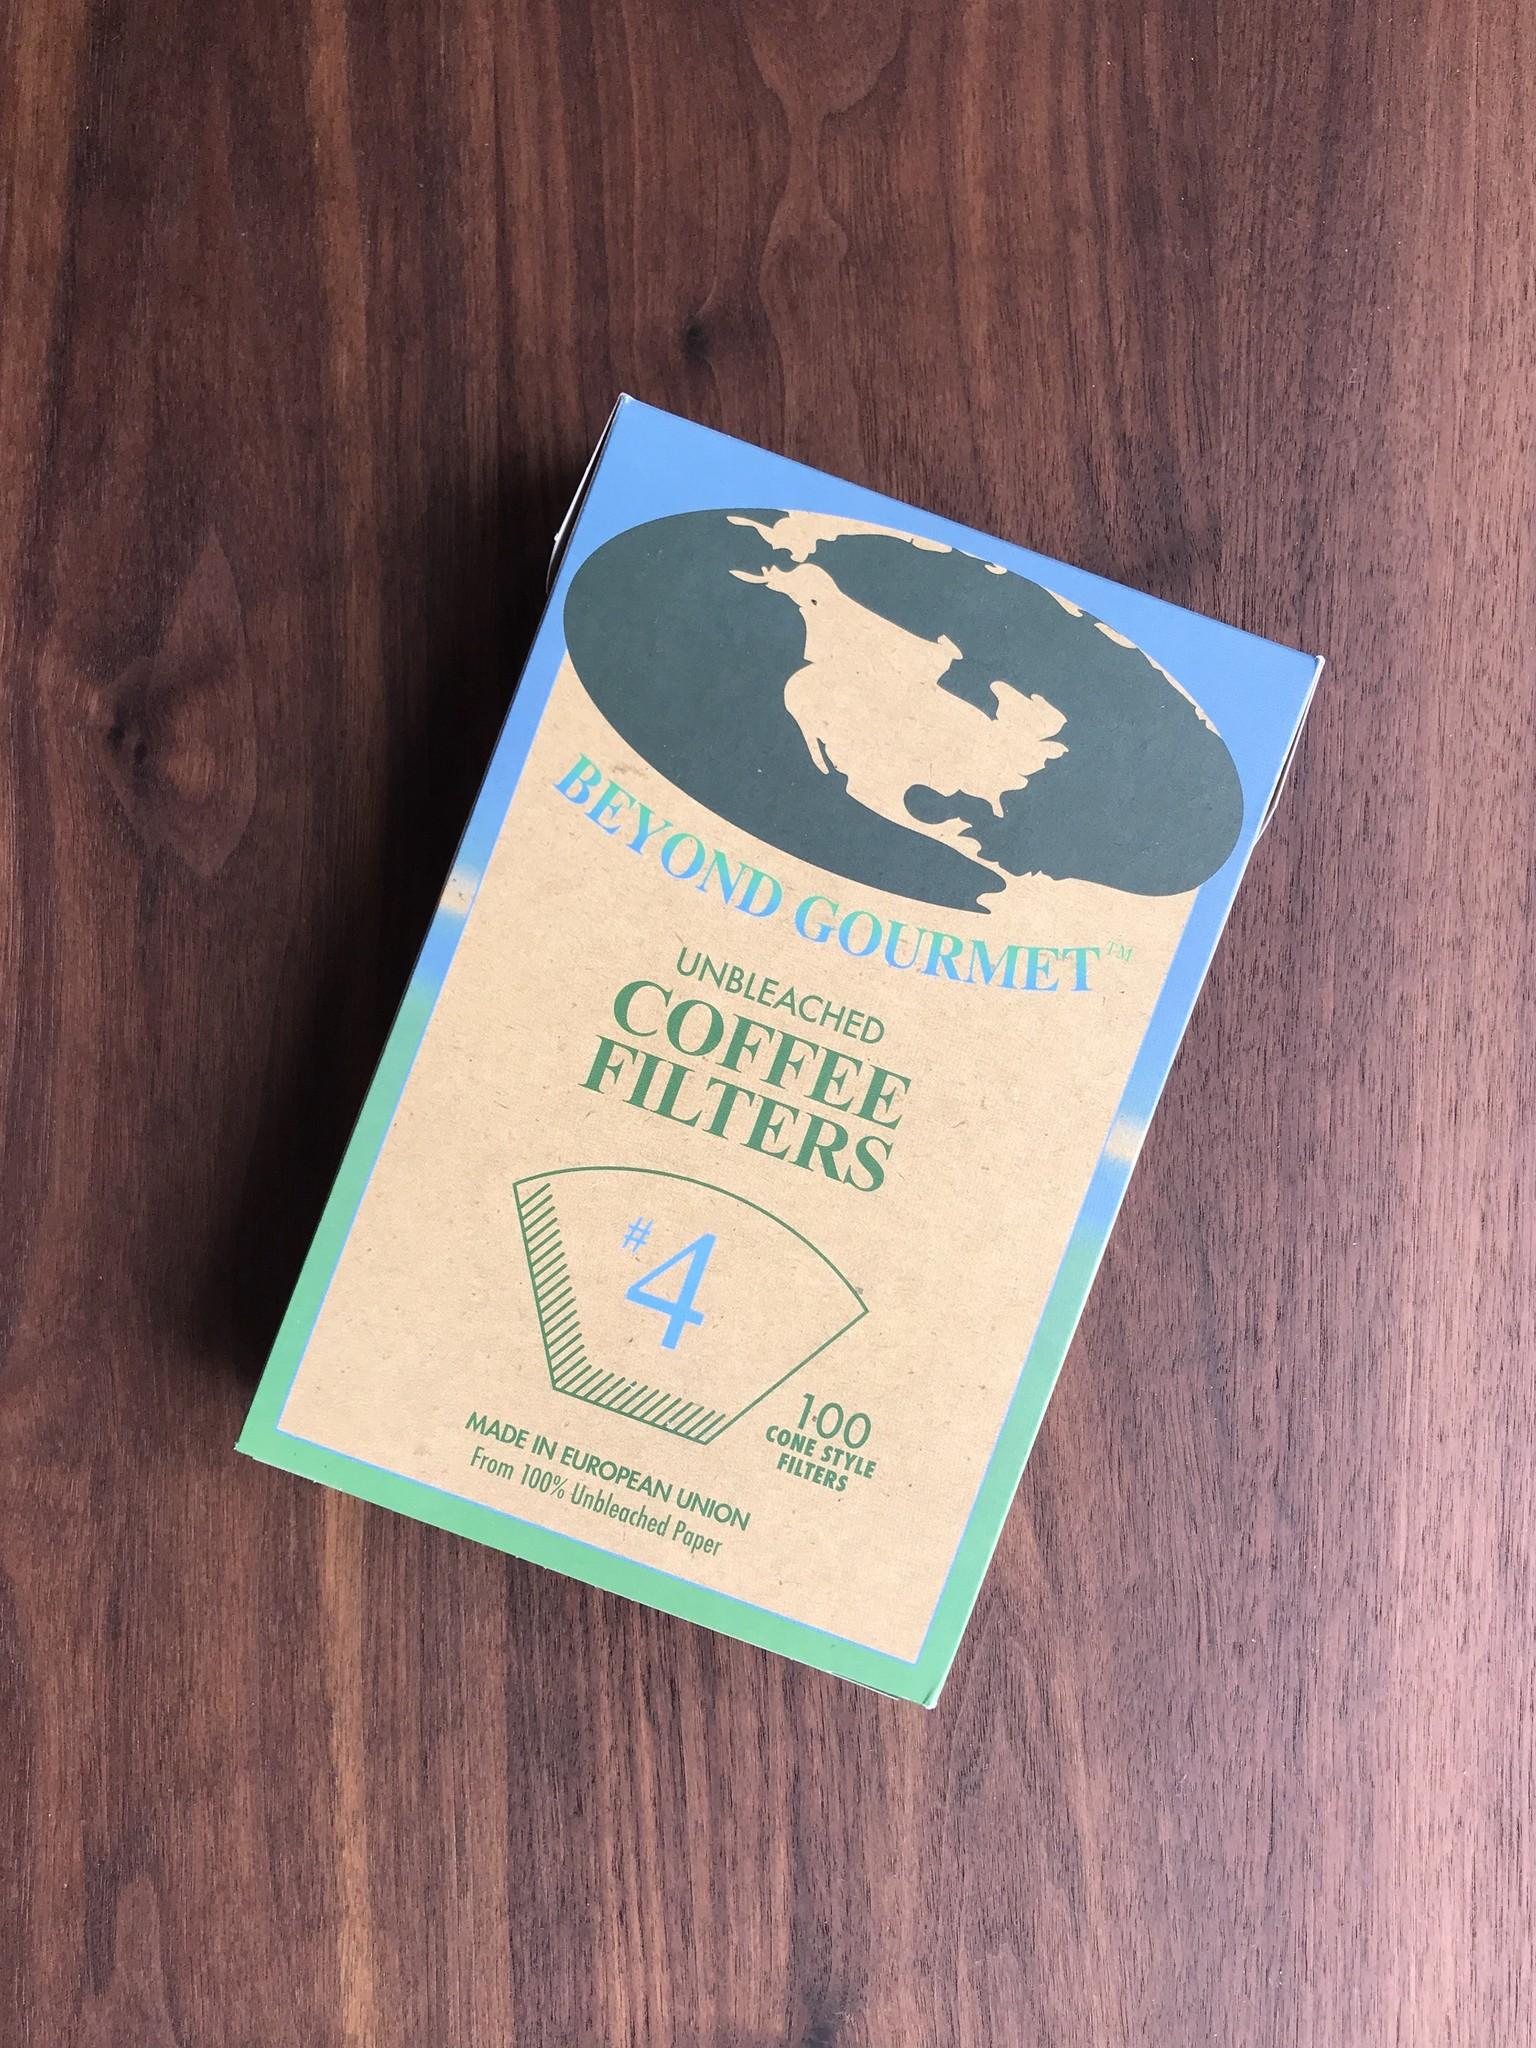 Beyond Gourmet Unbleached Filters #4 100pk-1